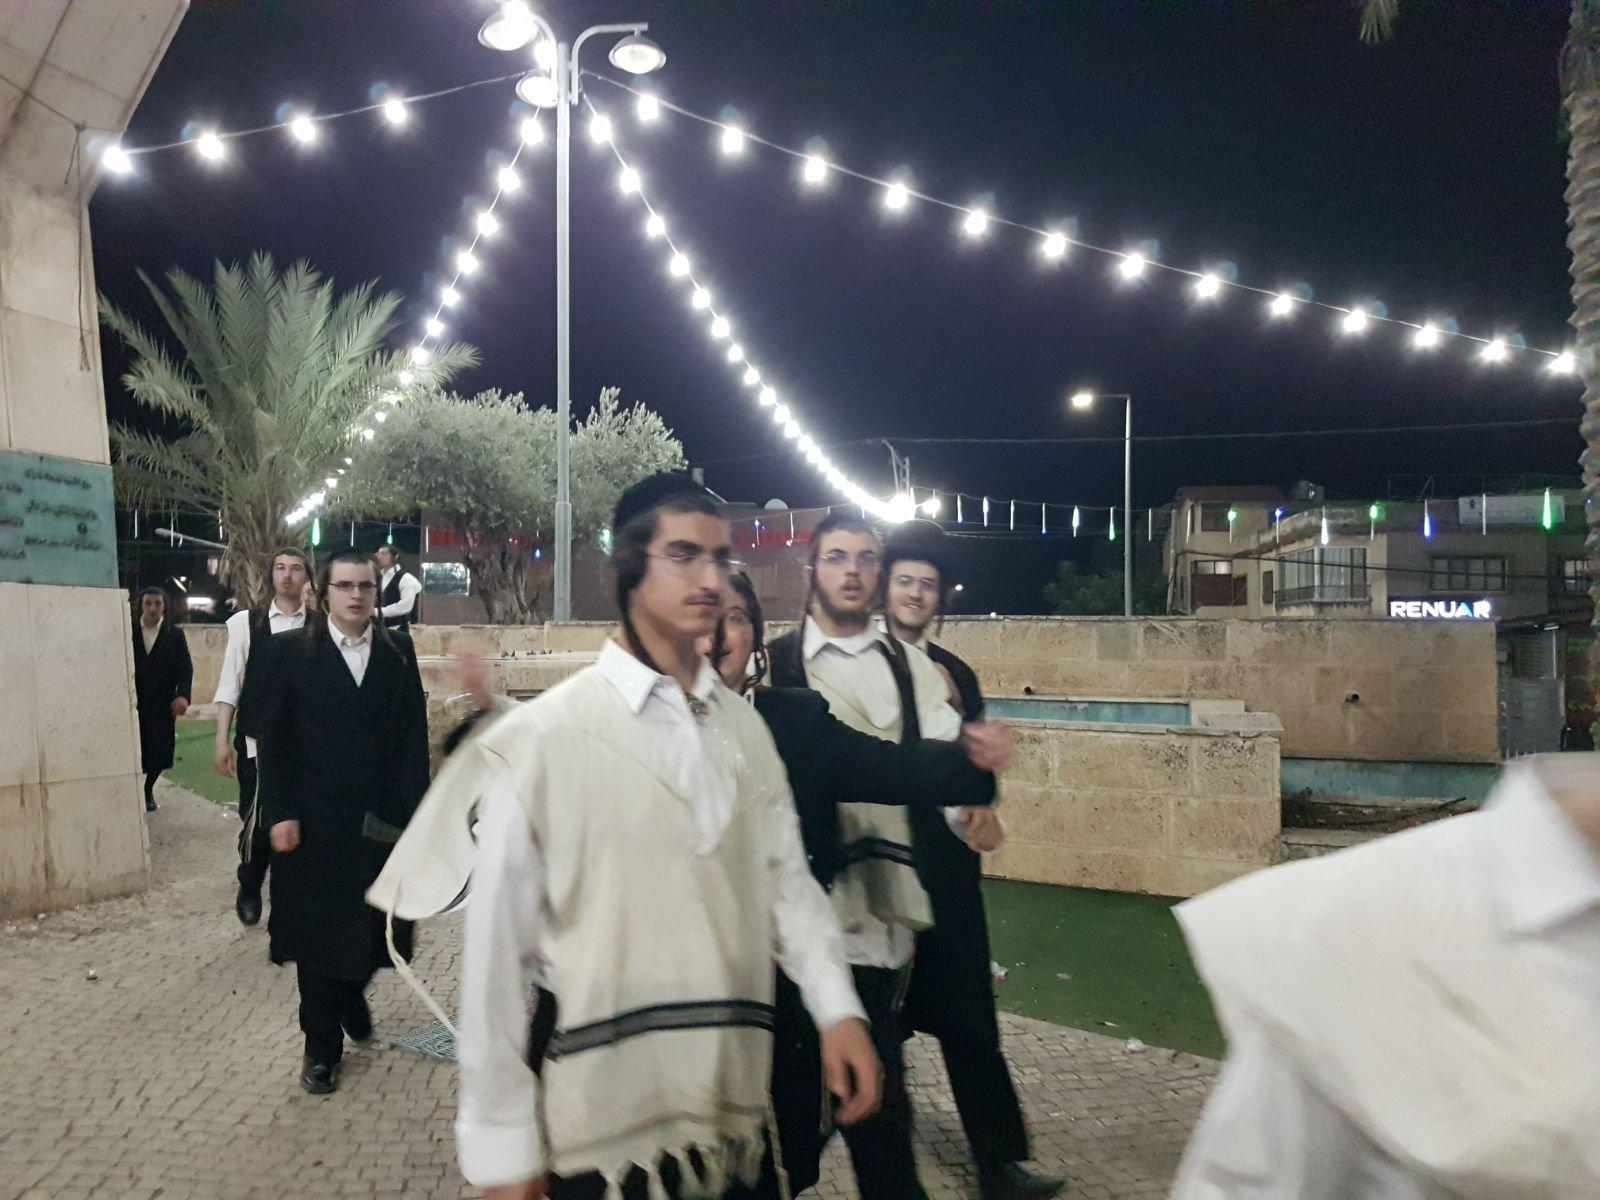 مستوطنون يقتحمون ساحة العين في كفر مندا ويقيمون طقوسهم الدينية قبل انسحابهم